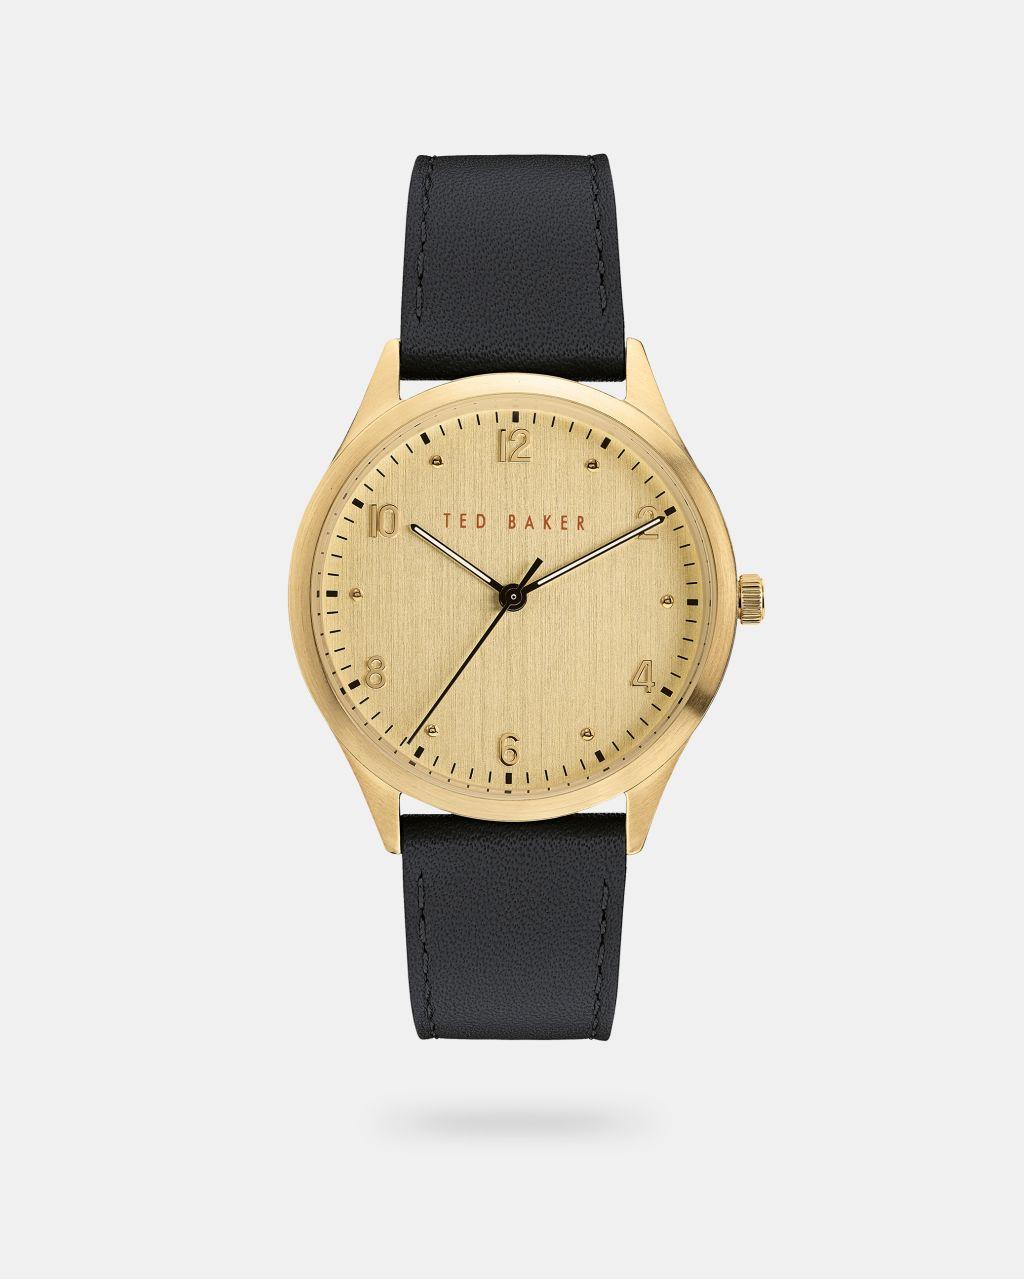 TED BAKER Uhr Mit Granuliertem Lederarmband | TED BAKER SALE